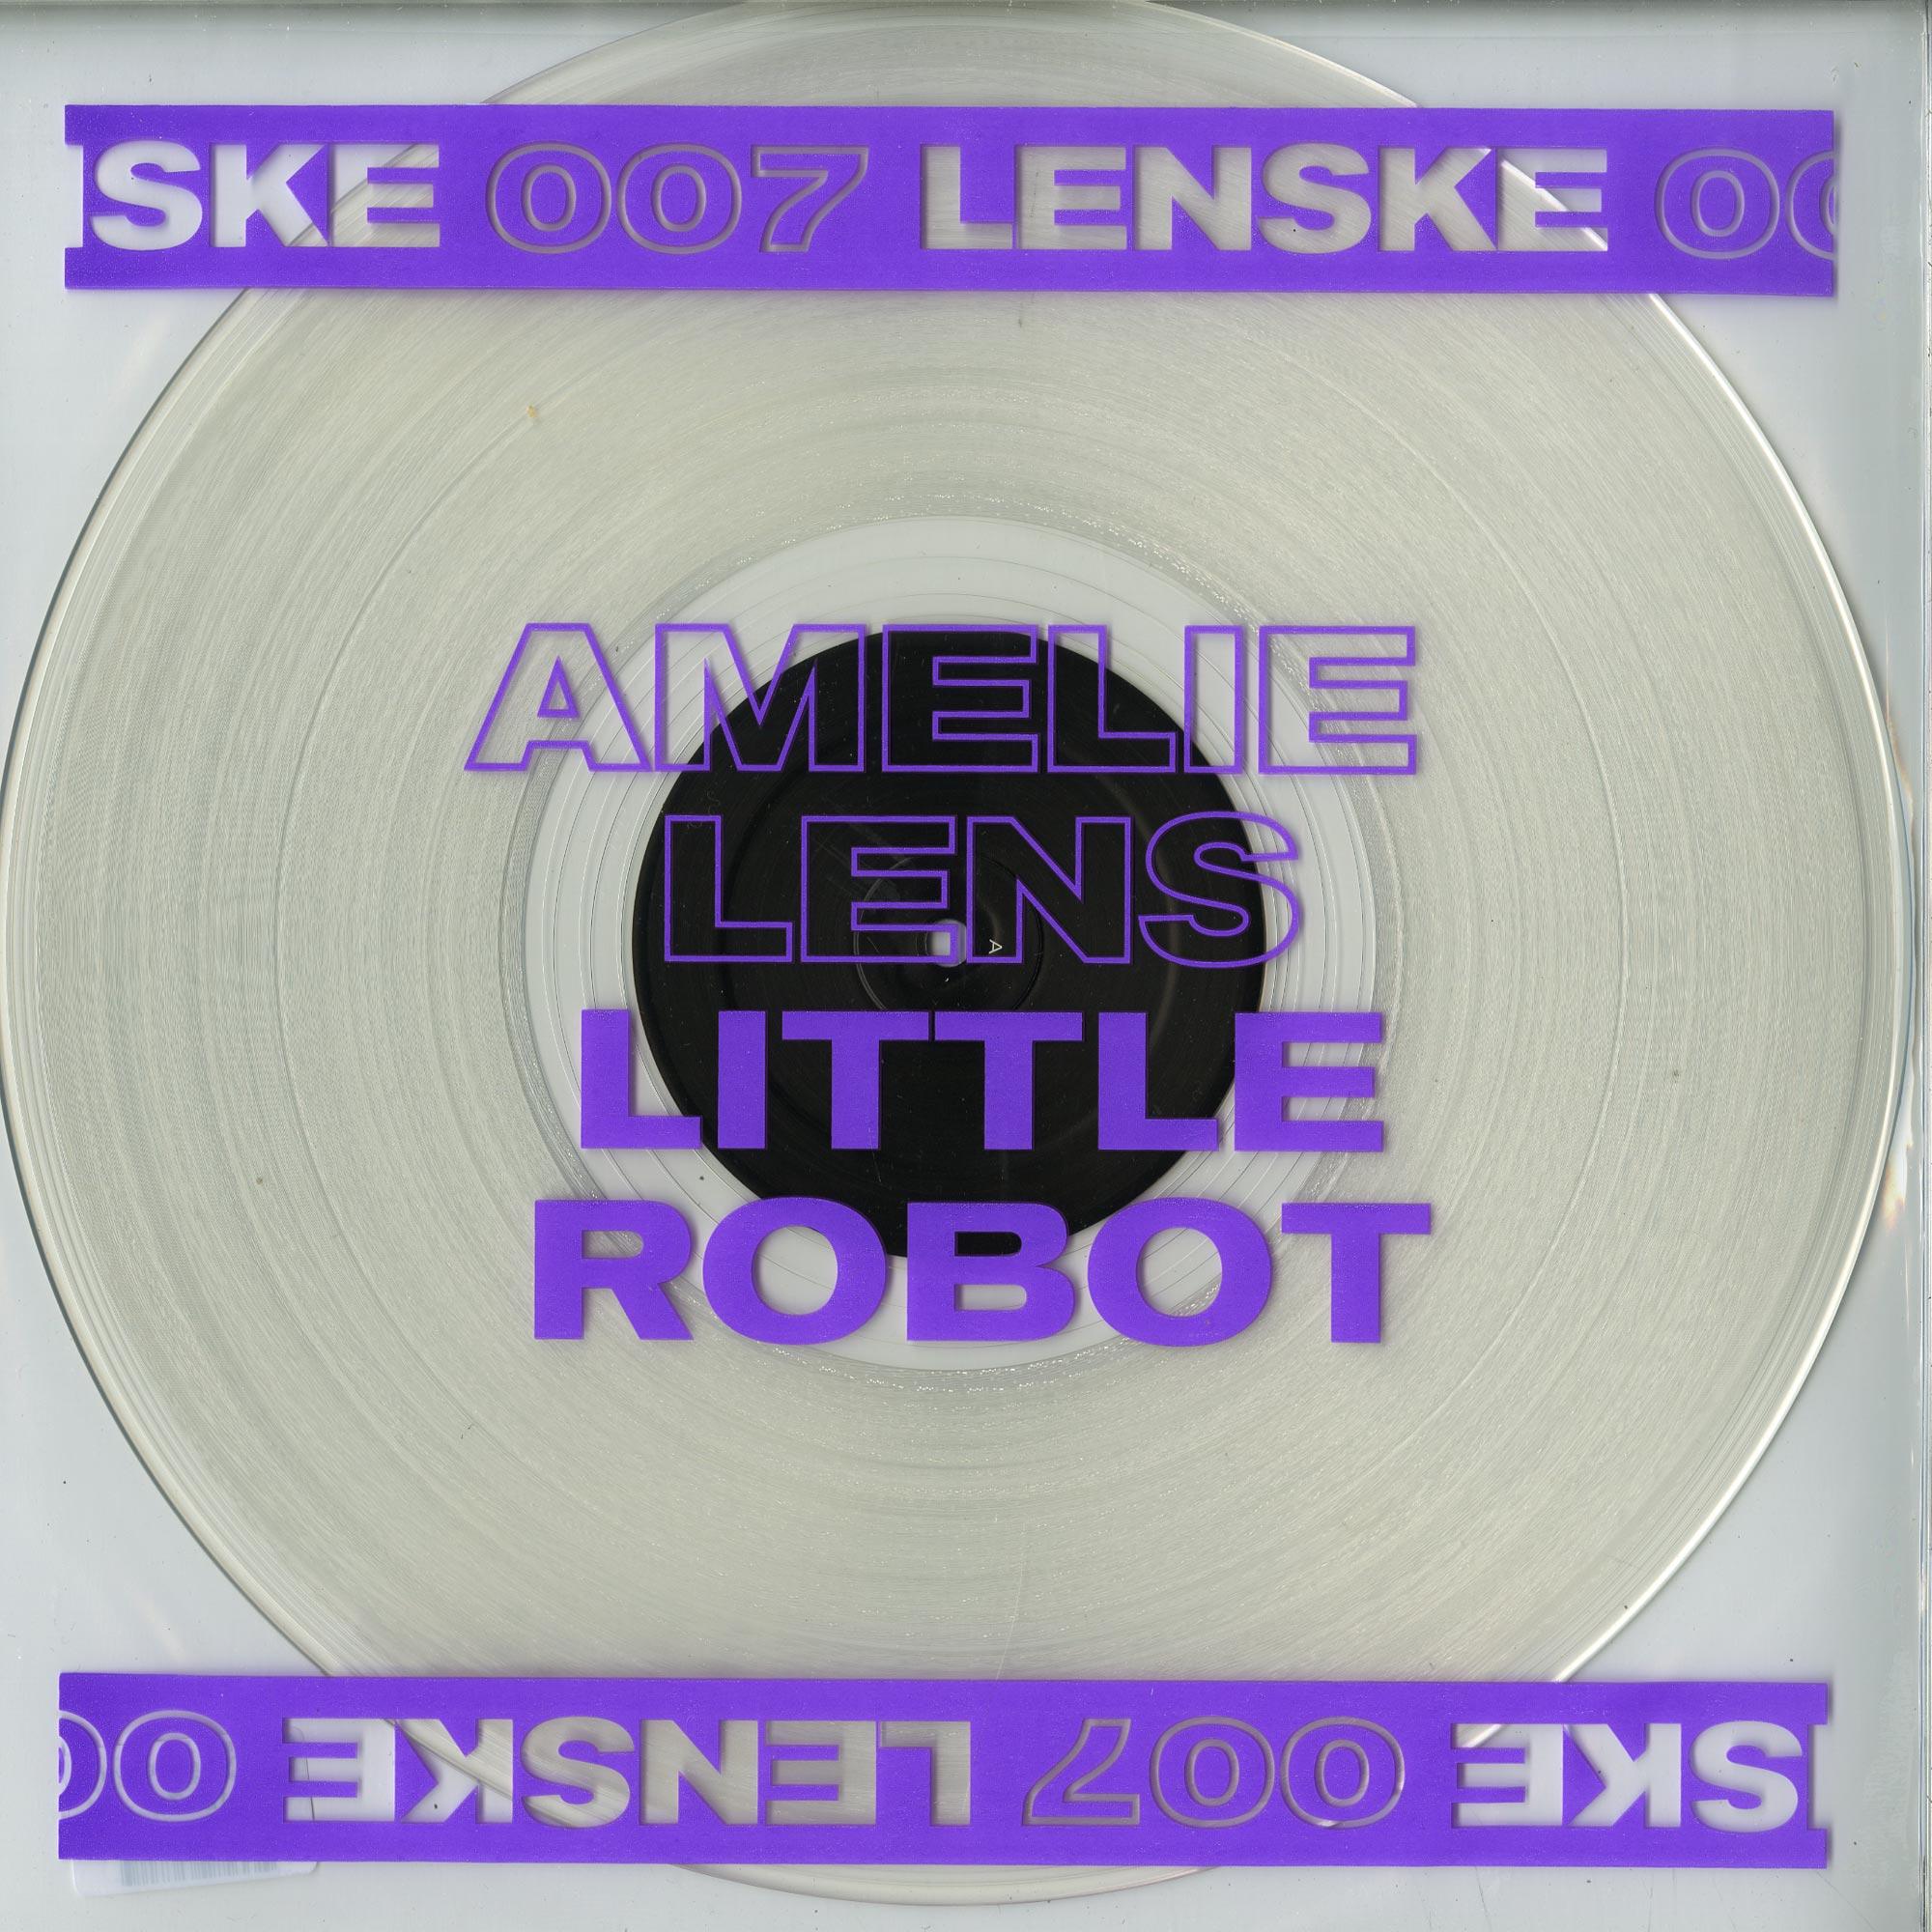 Amelie Lens - LITTLE ROBOT EP